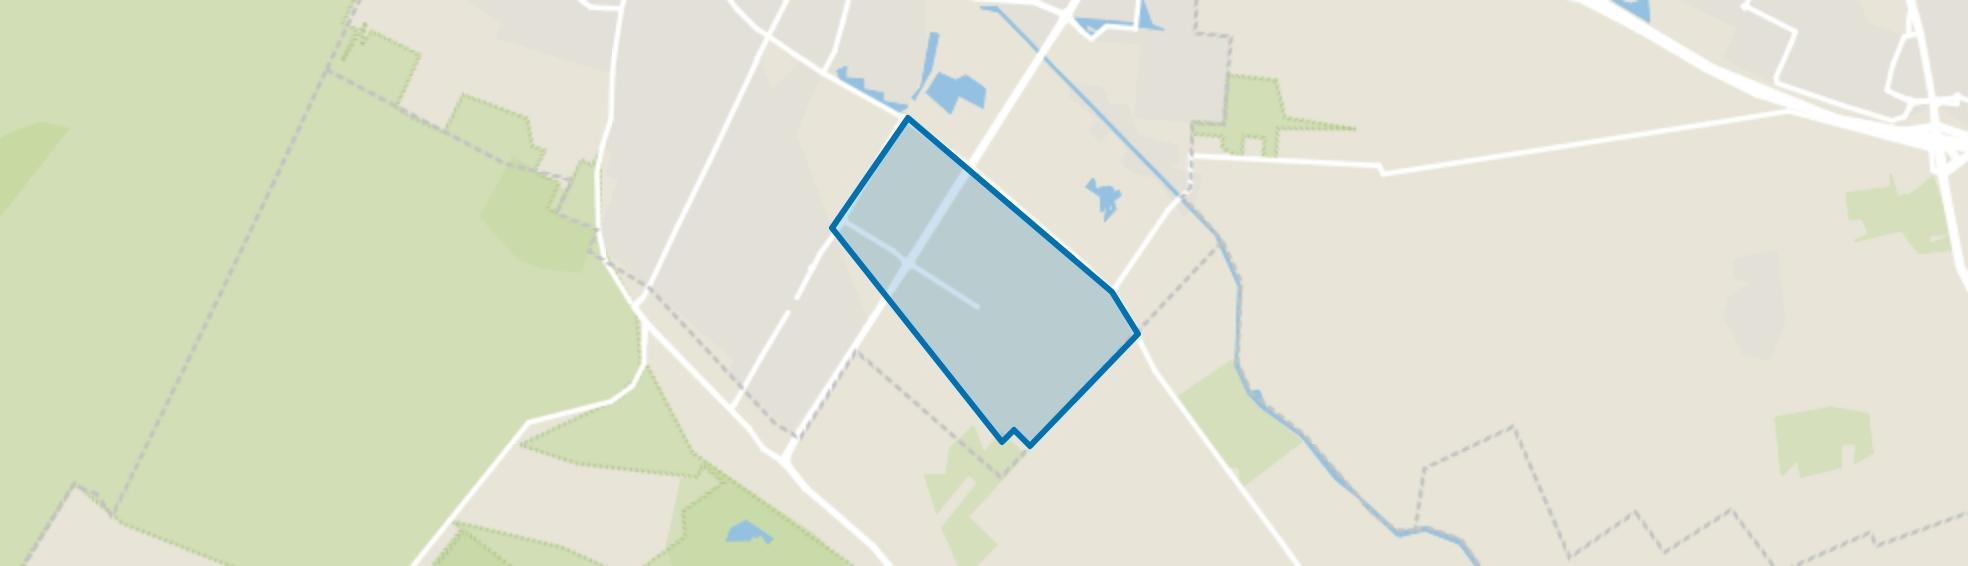 Nijverkamp, Veenendaal map